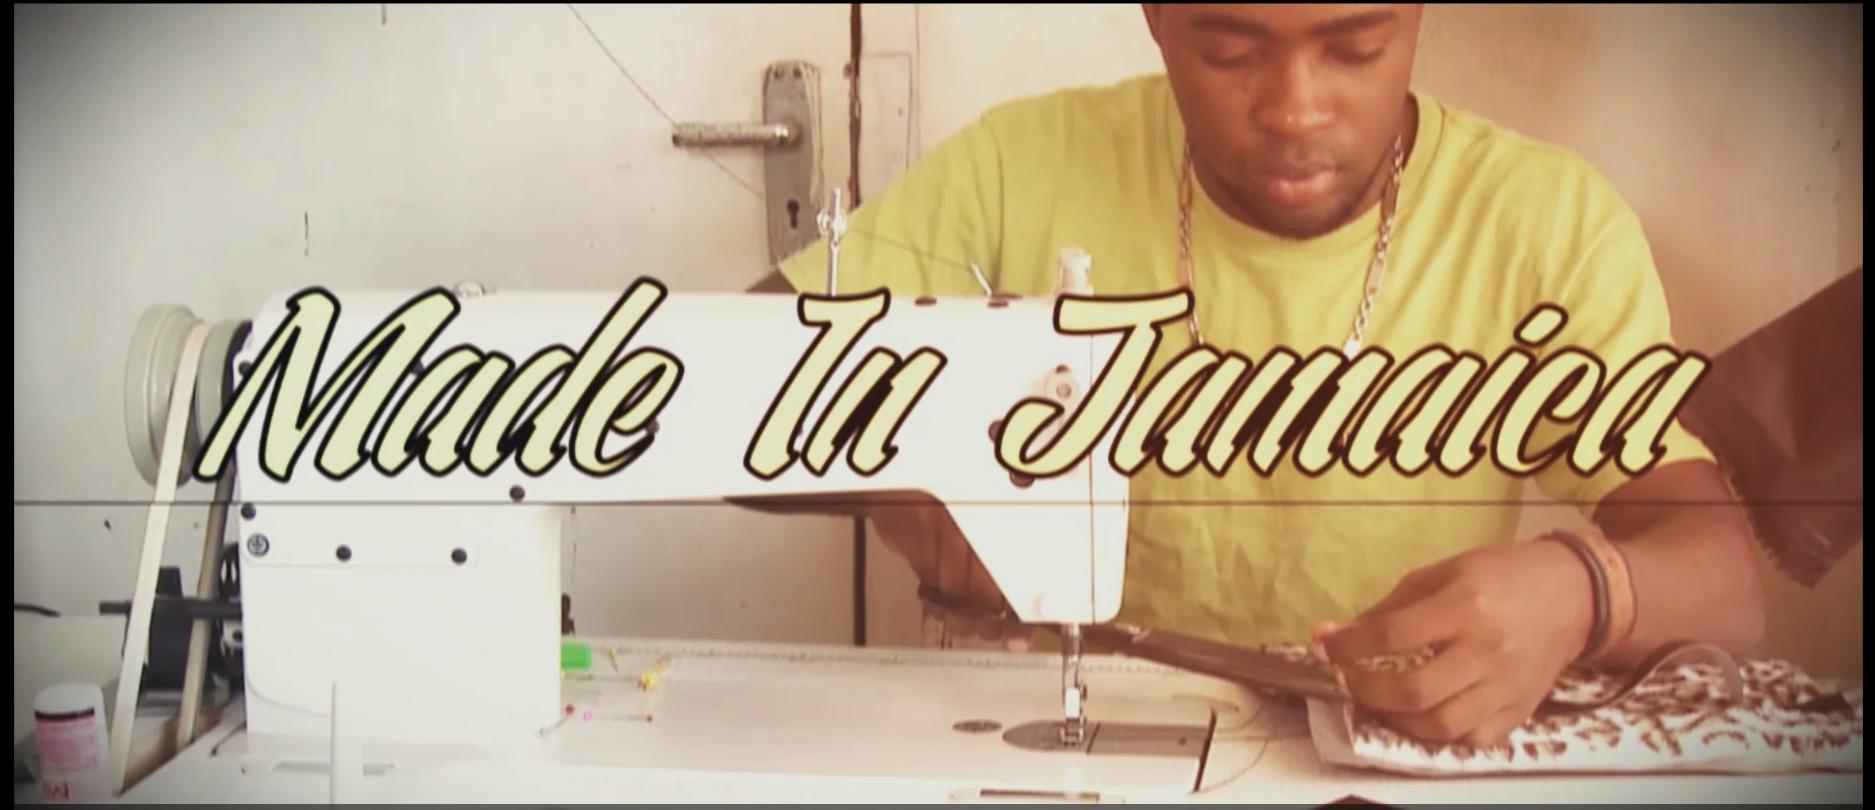 Capture_made in jamaica